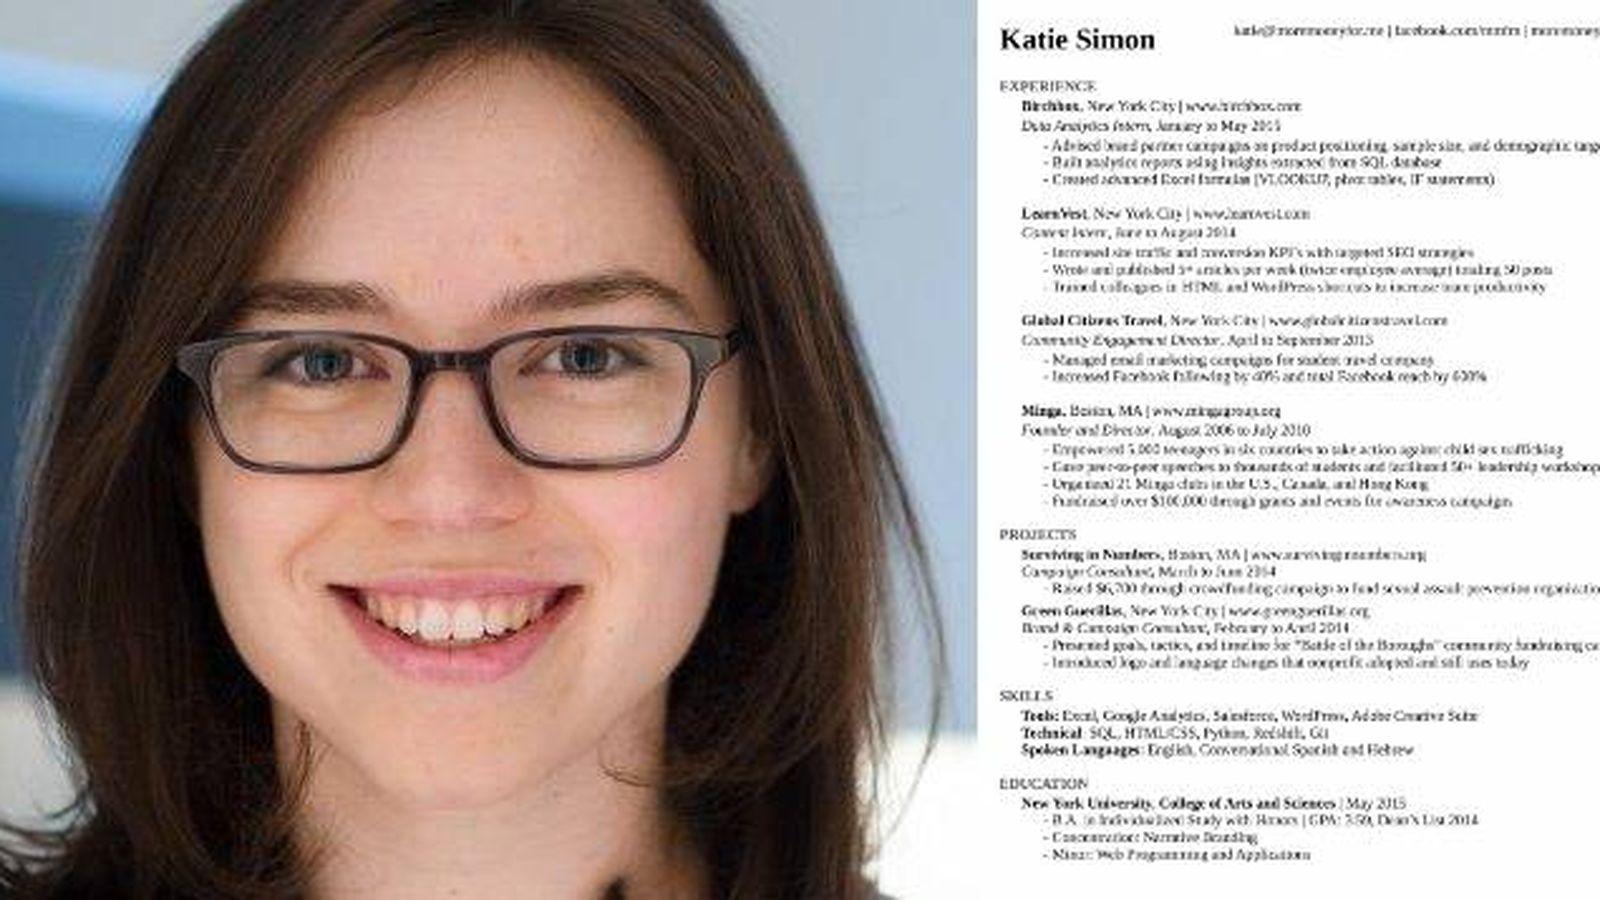 Trabajo: La mujer que redactó el currículo perfecto explica cuáles ...